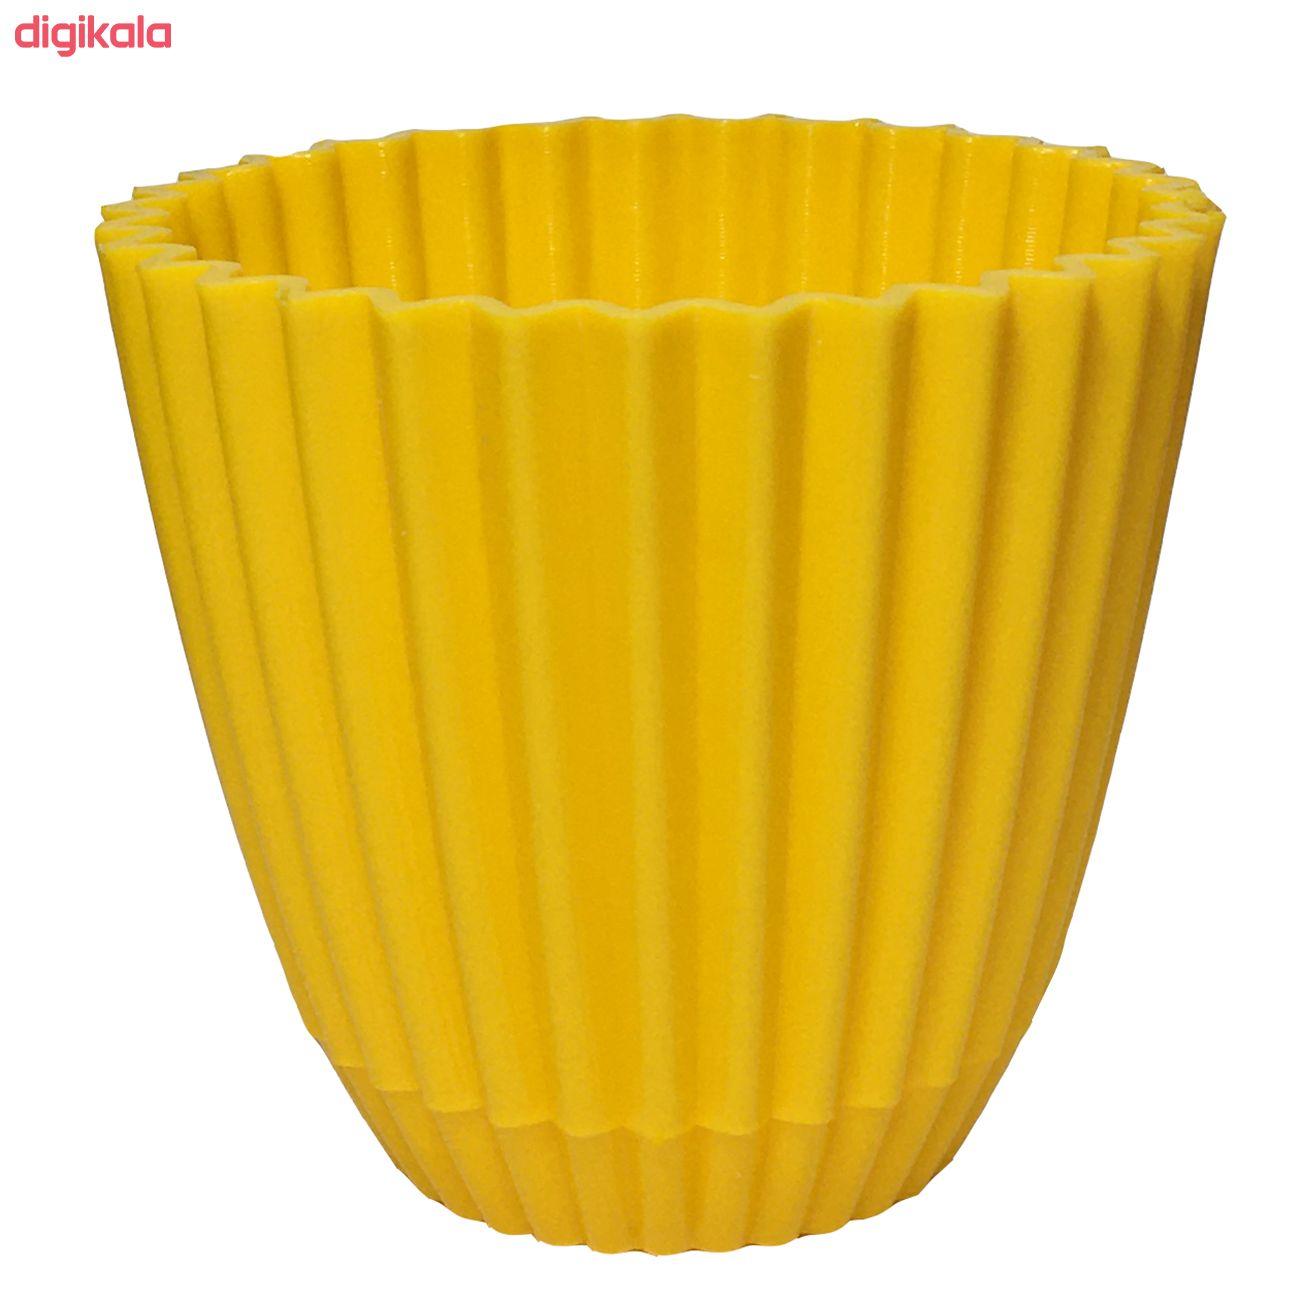 گلدان دانیال پلاستیک کد 1012 مجموعه 8 عددی main 1 7